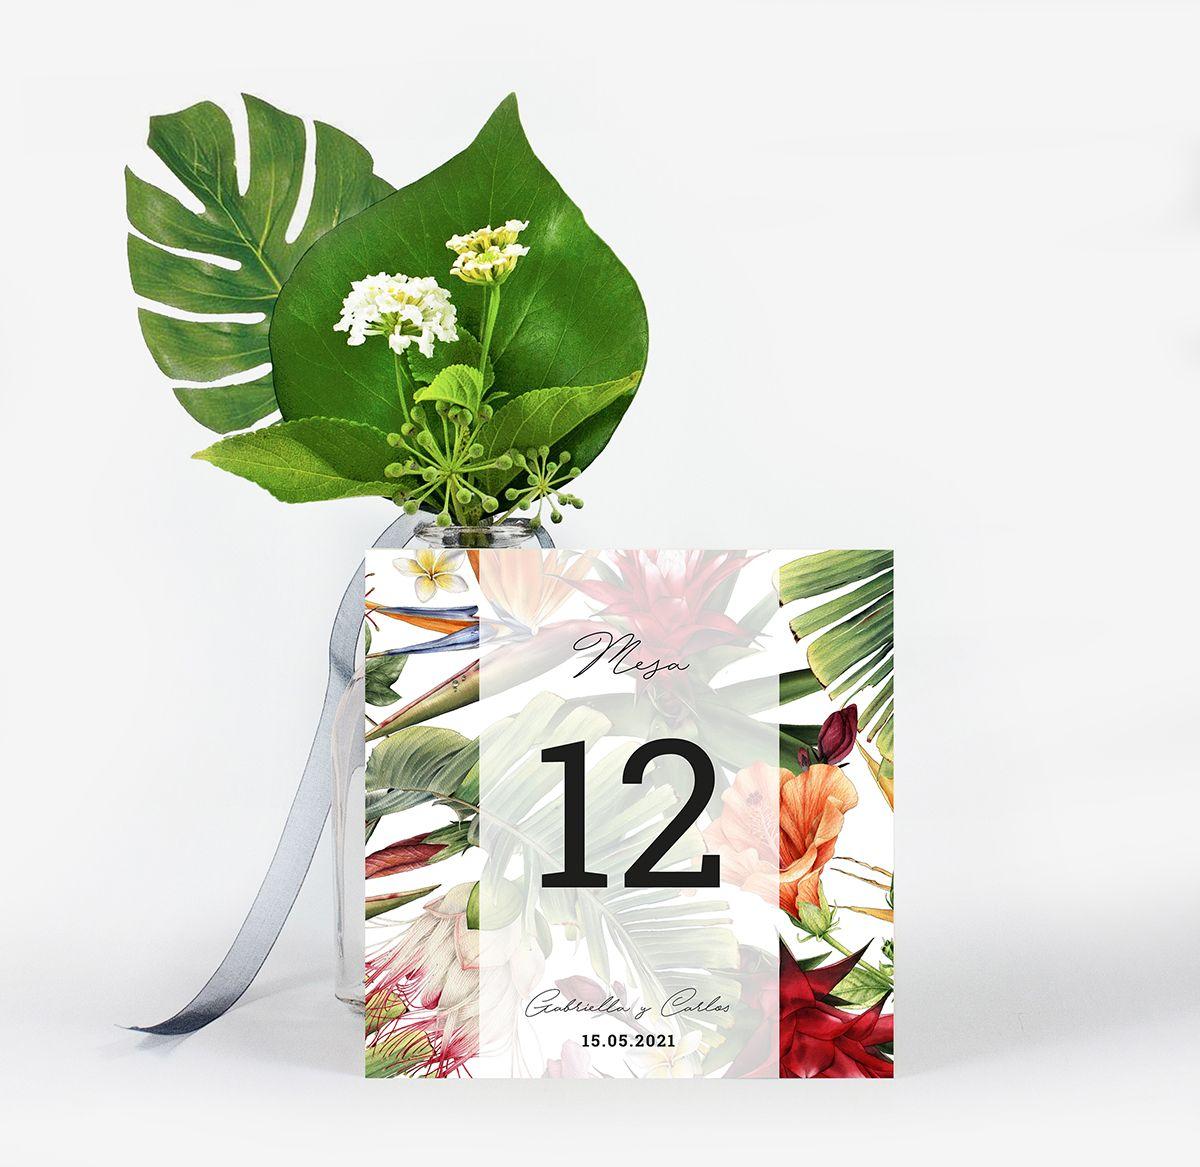 Número mesa boda Lanai